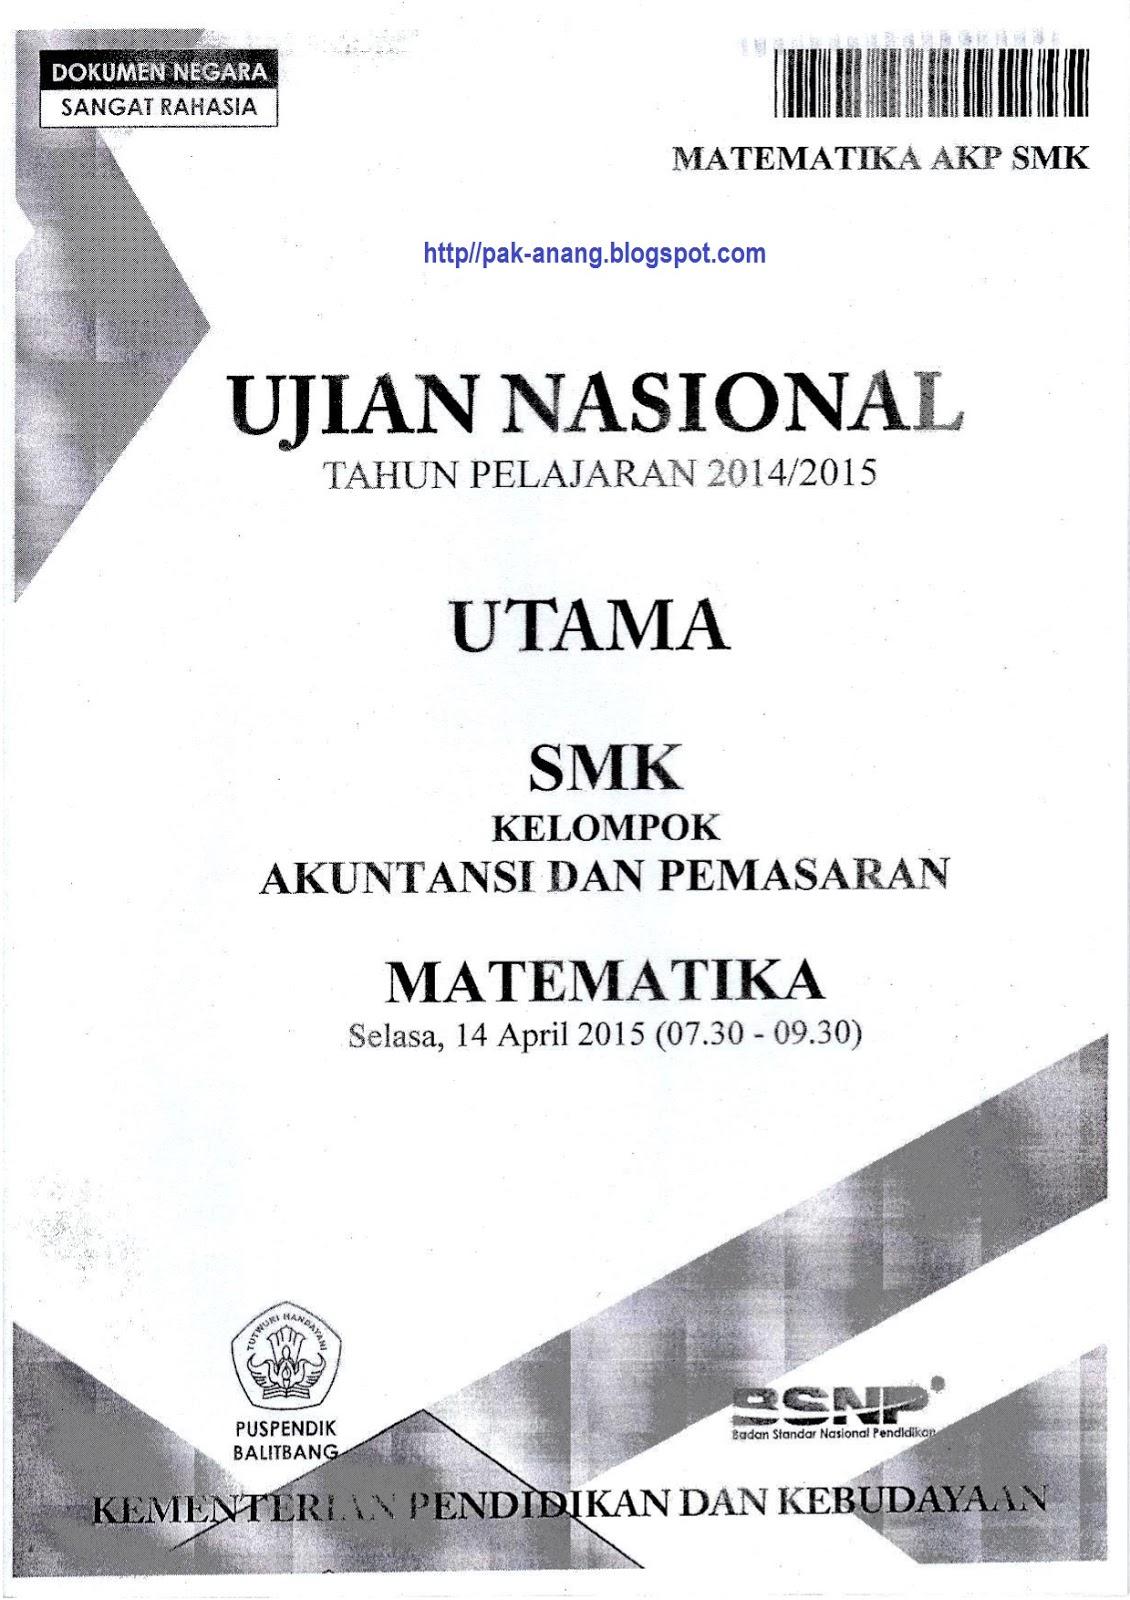 Berbagi Dan Belajar Naskah Soal Un Matematika Smk 2015 Kelompok Akuntansi Dan Pemasaran Paket 1